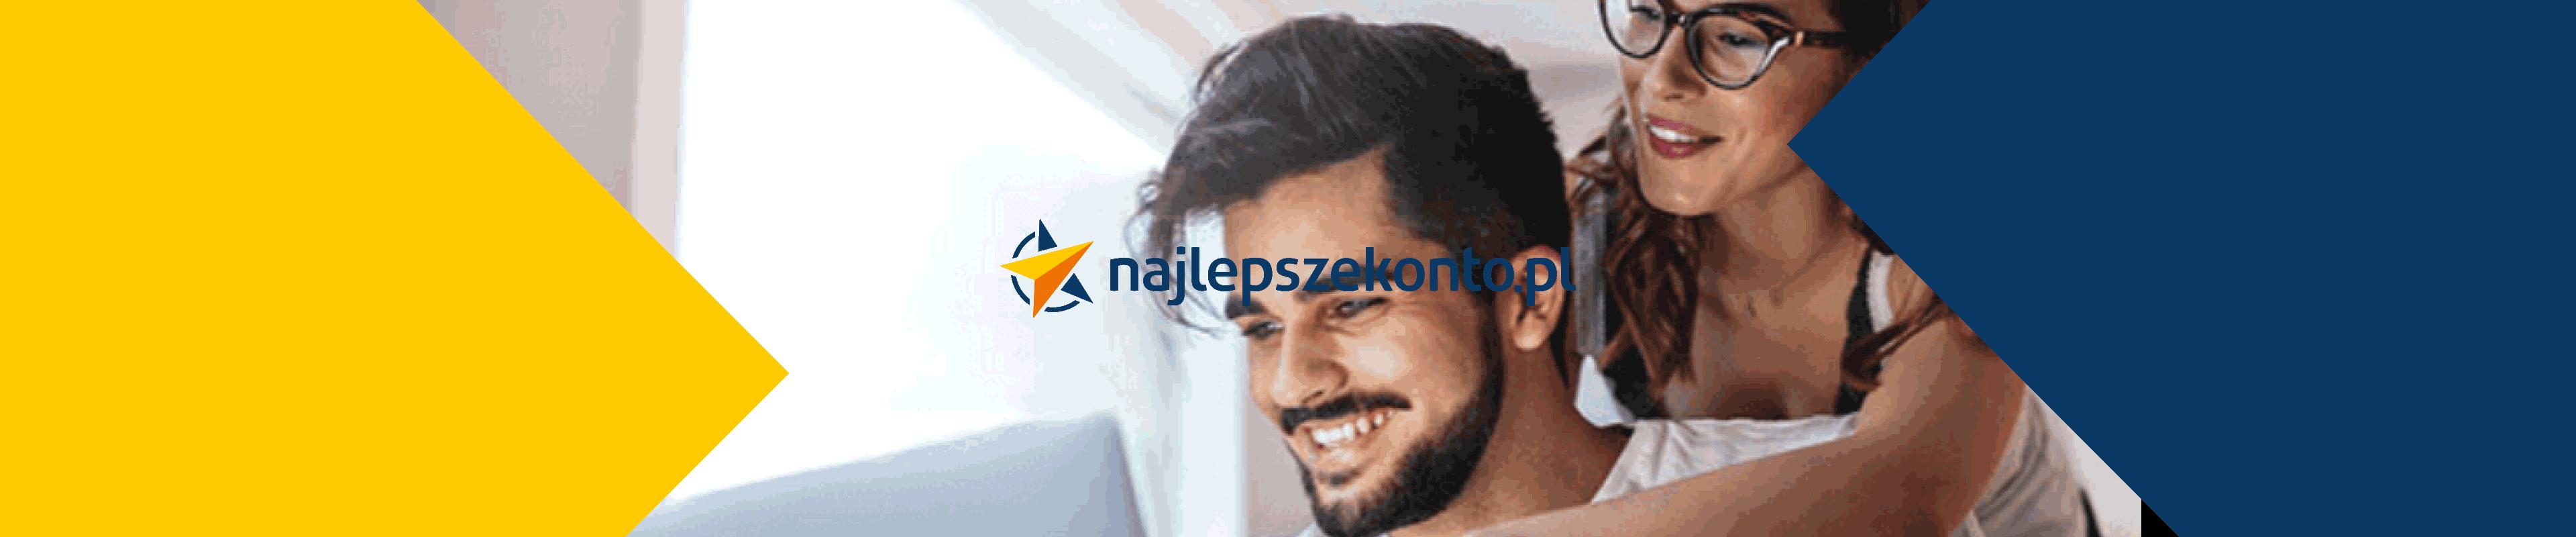 Case study of Najlepsze Konto